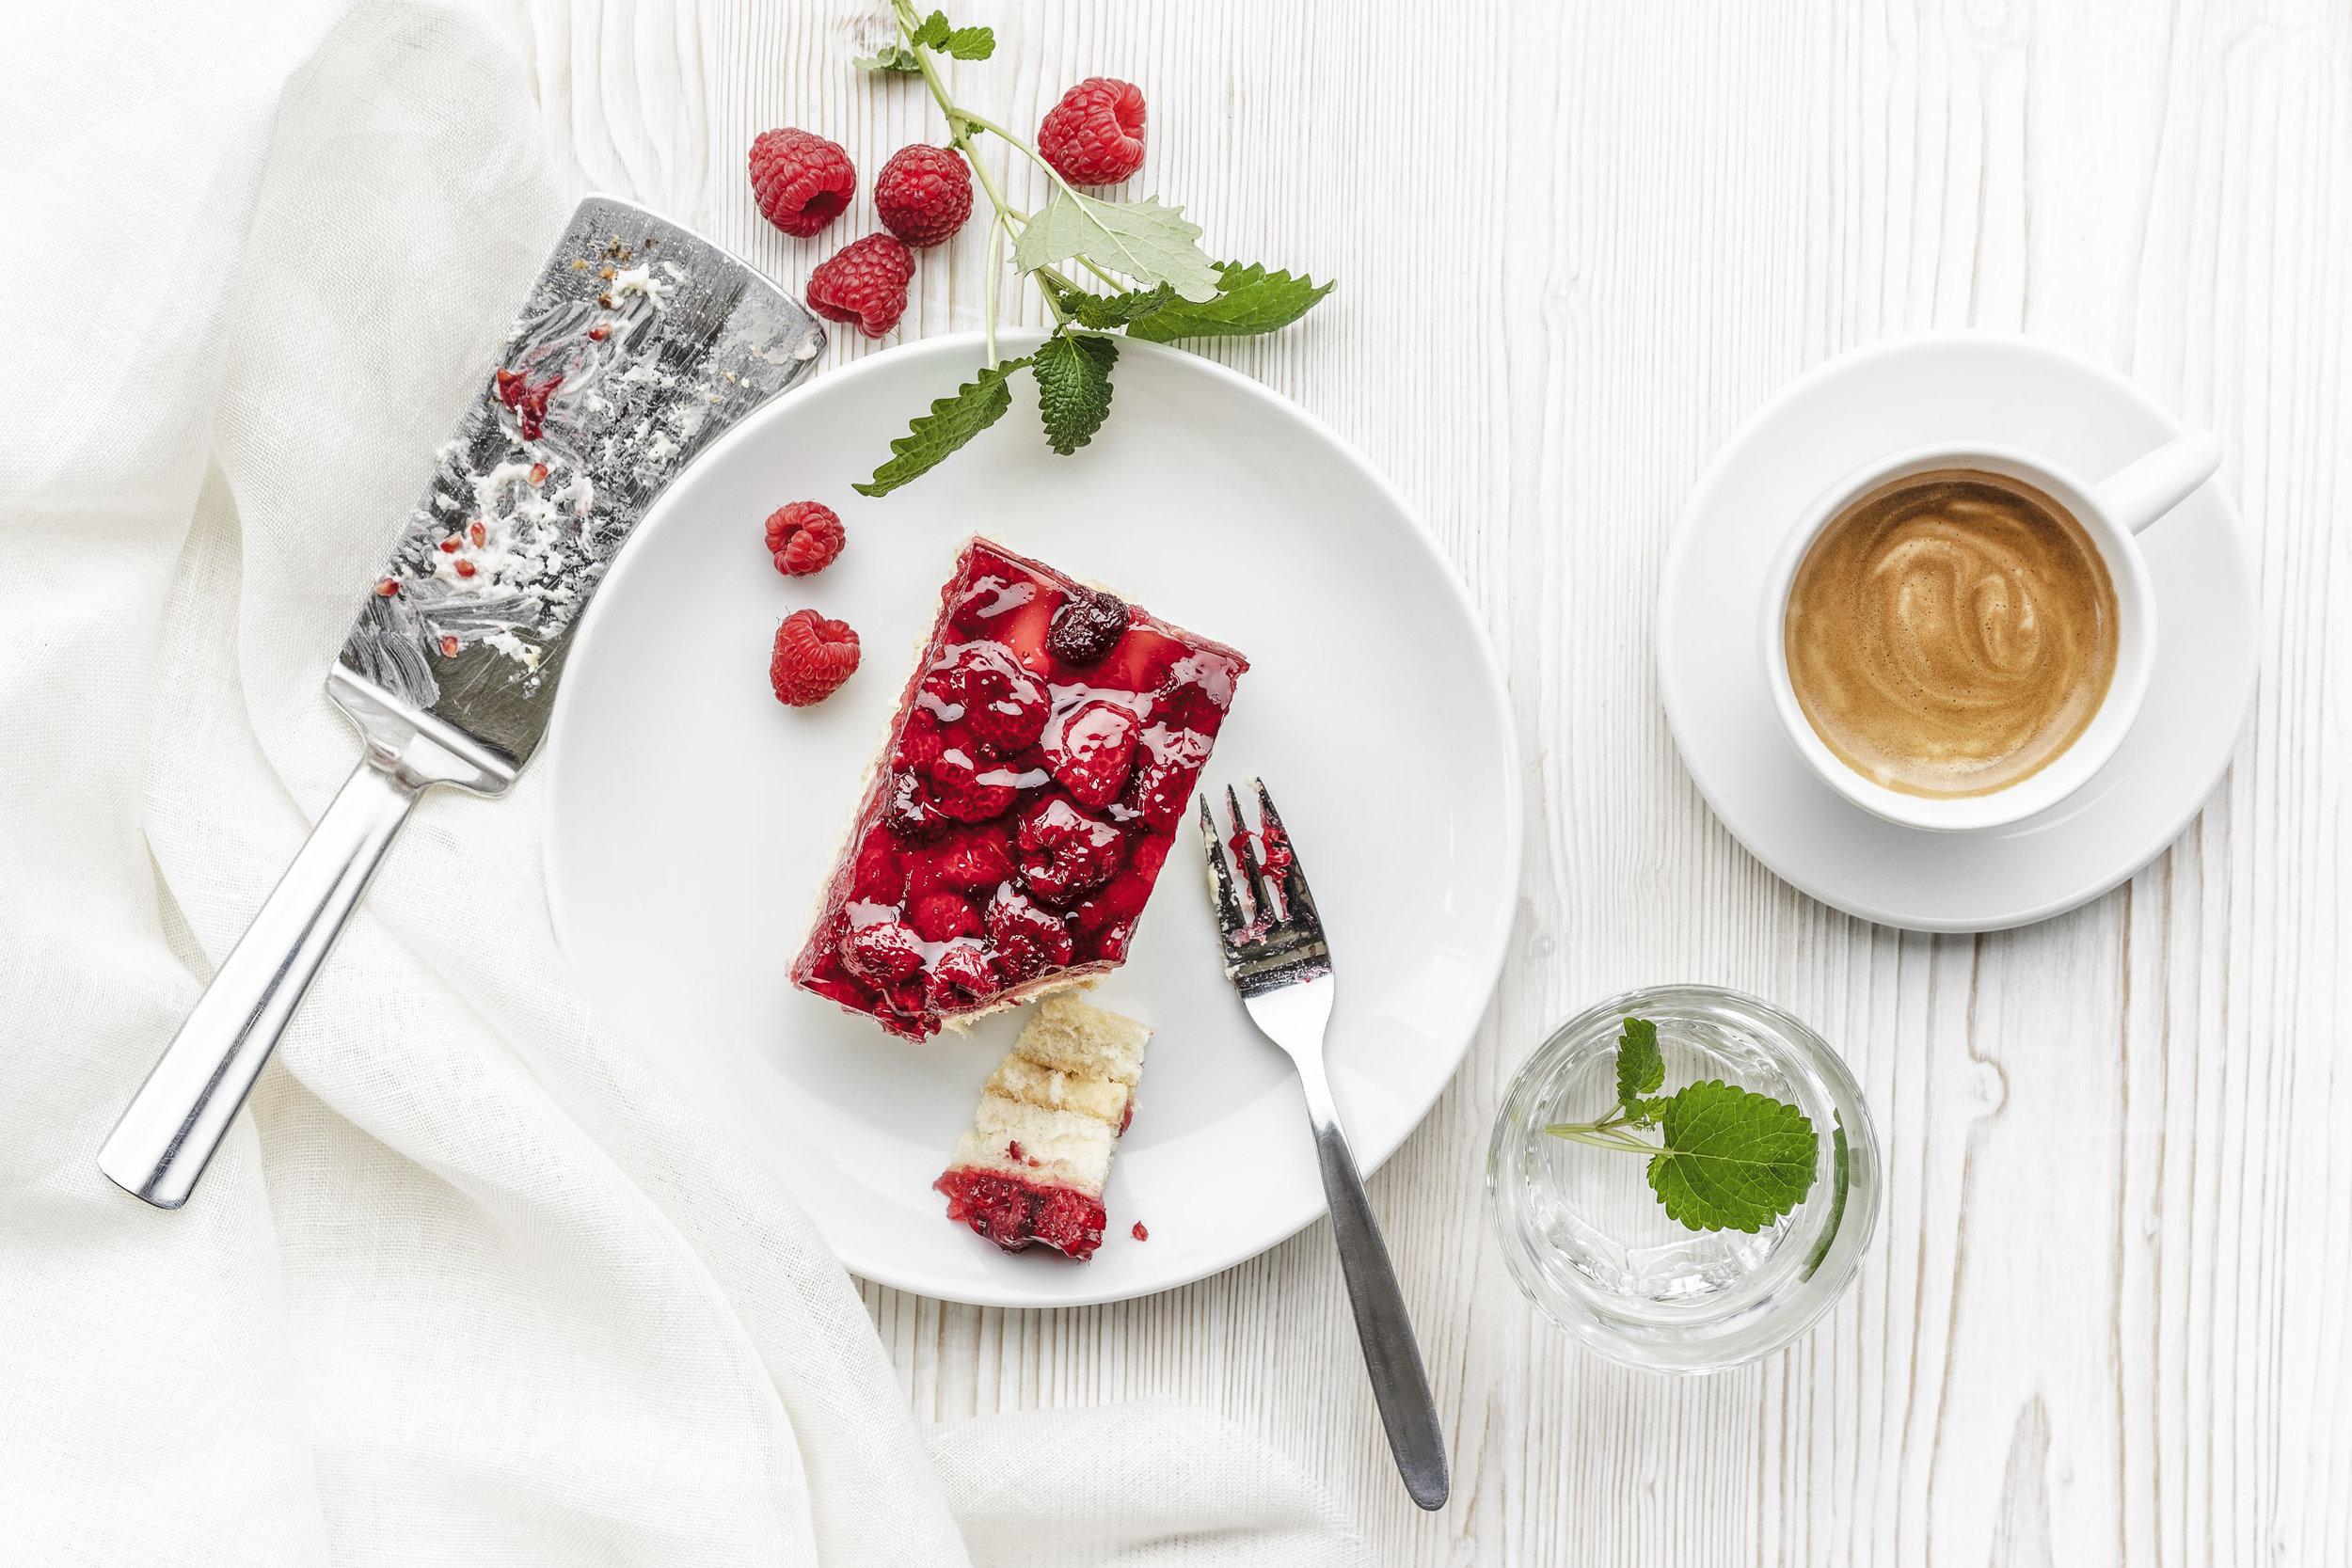 Fotowerk Foodfotografie - leckere Fruchtschnitte